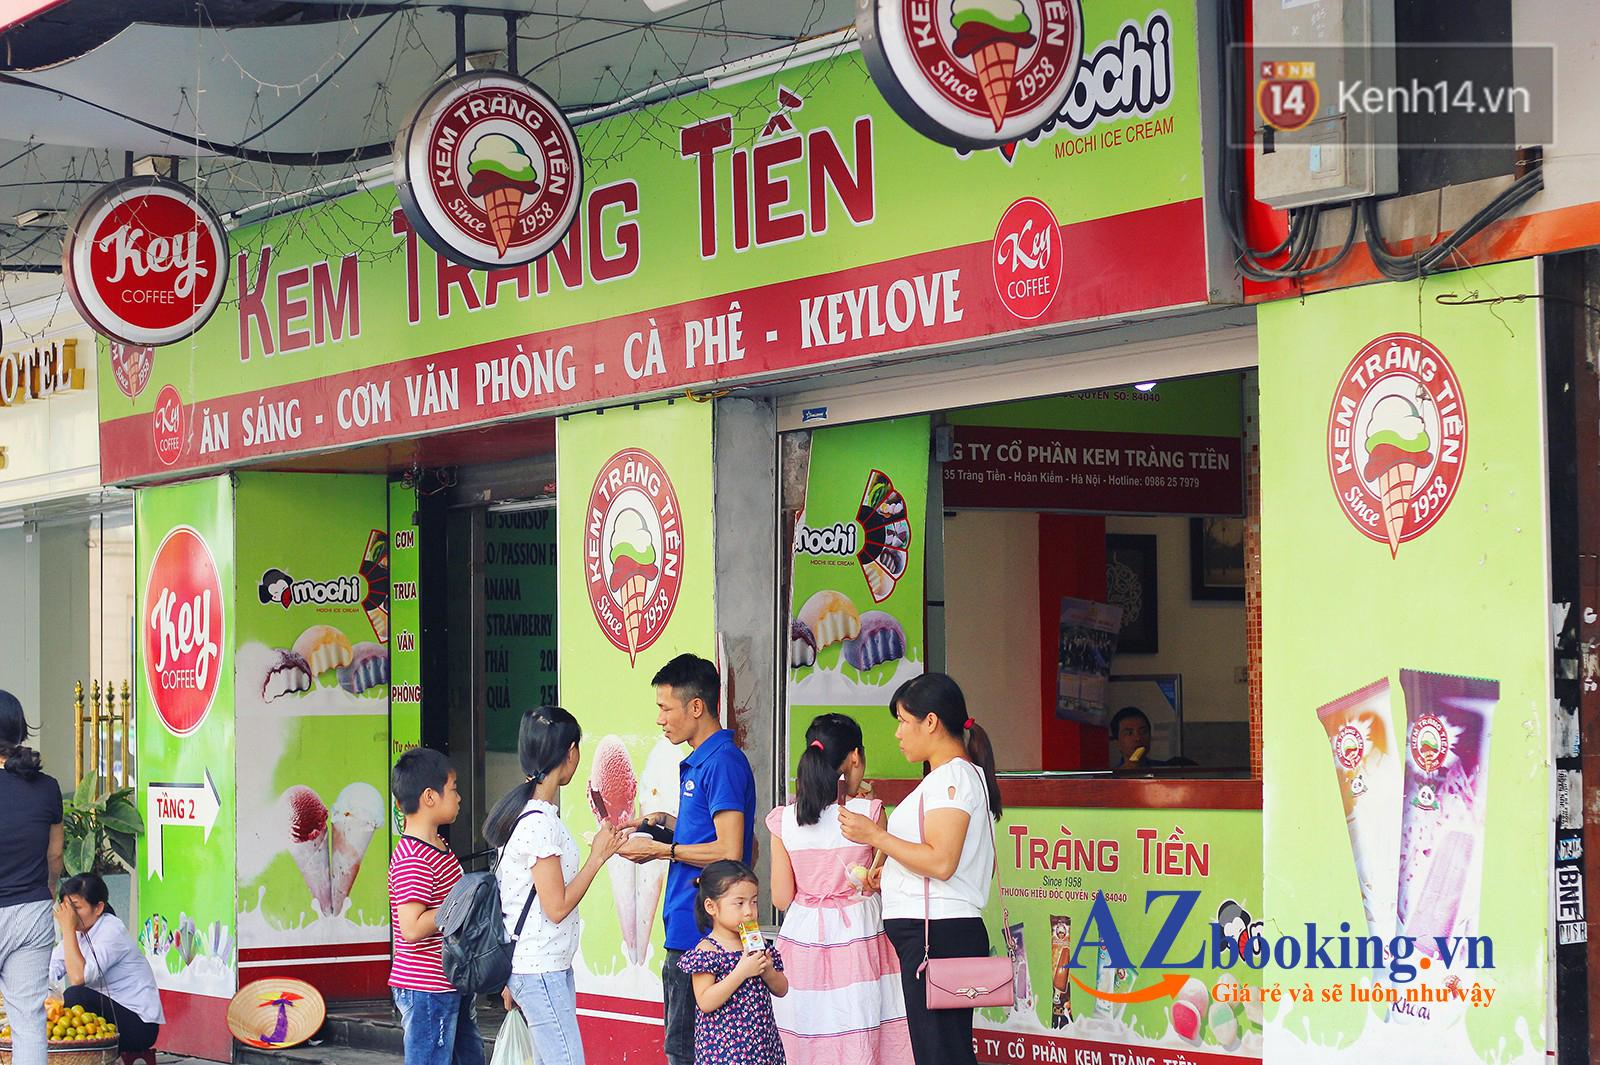 Nếu chỉ có 1 ngày ở Hà Nội thì nên đi đâu?